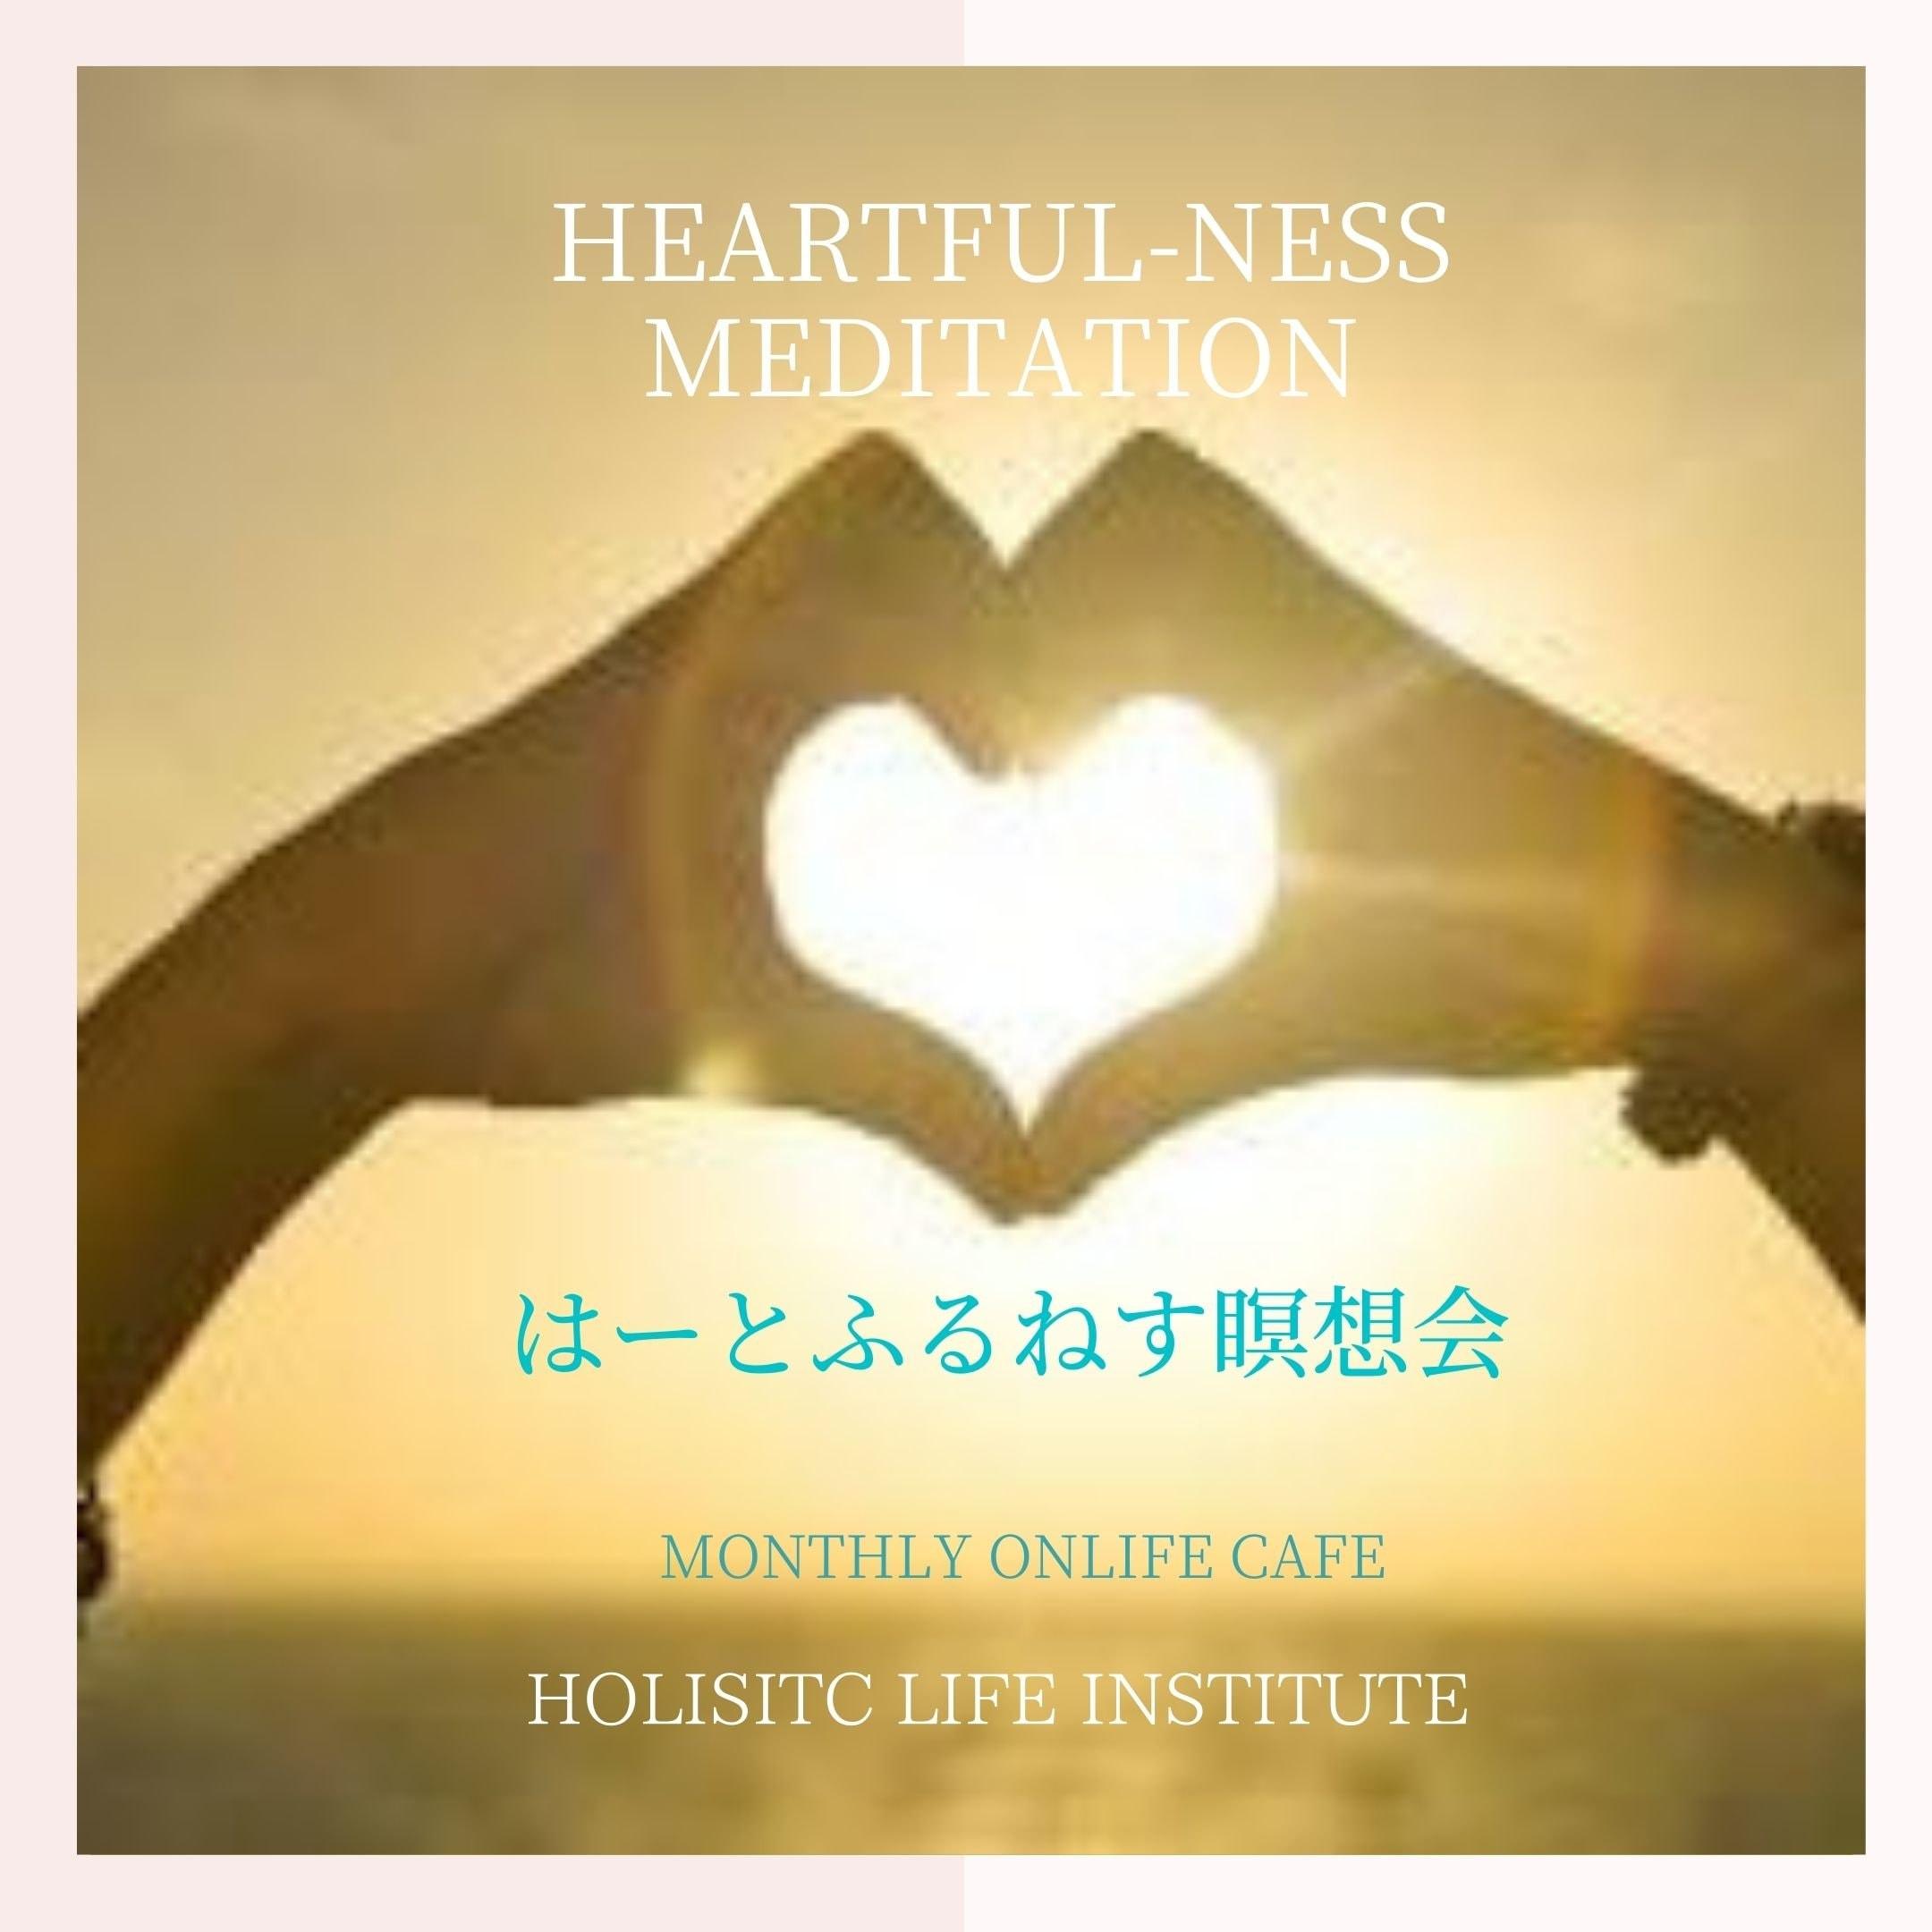 【一般参加】オンラインモーニングcafe10/10「はーとふるねす瞑想会」のイメージその1